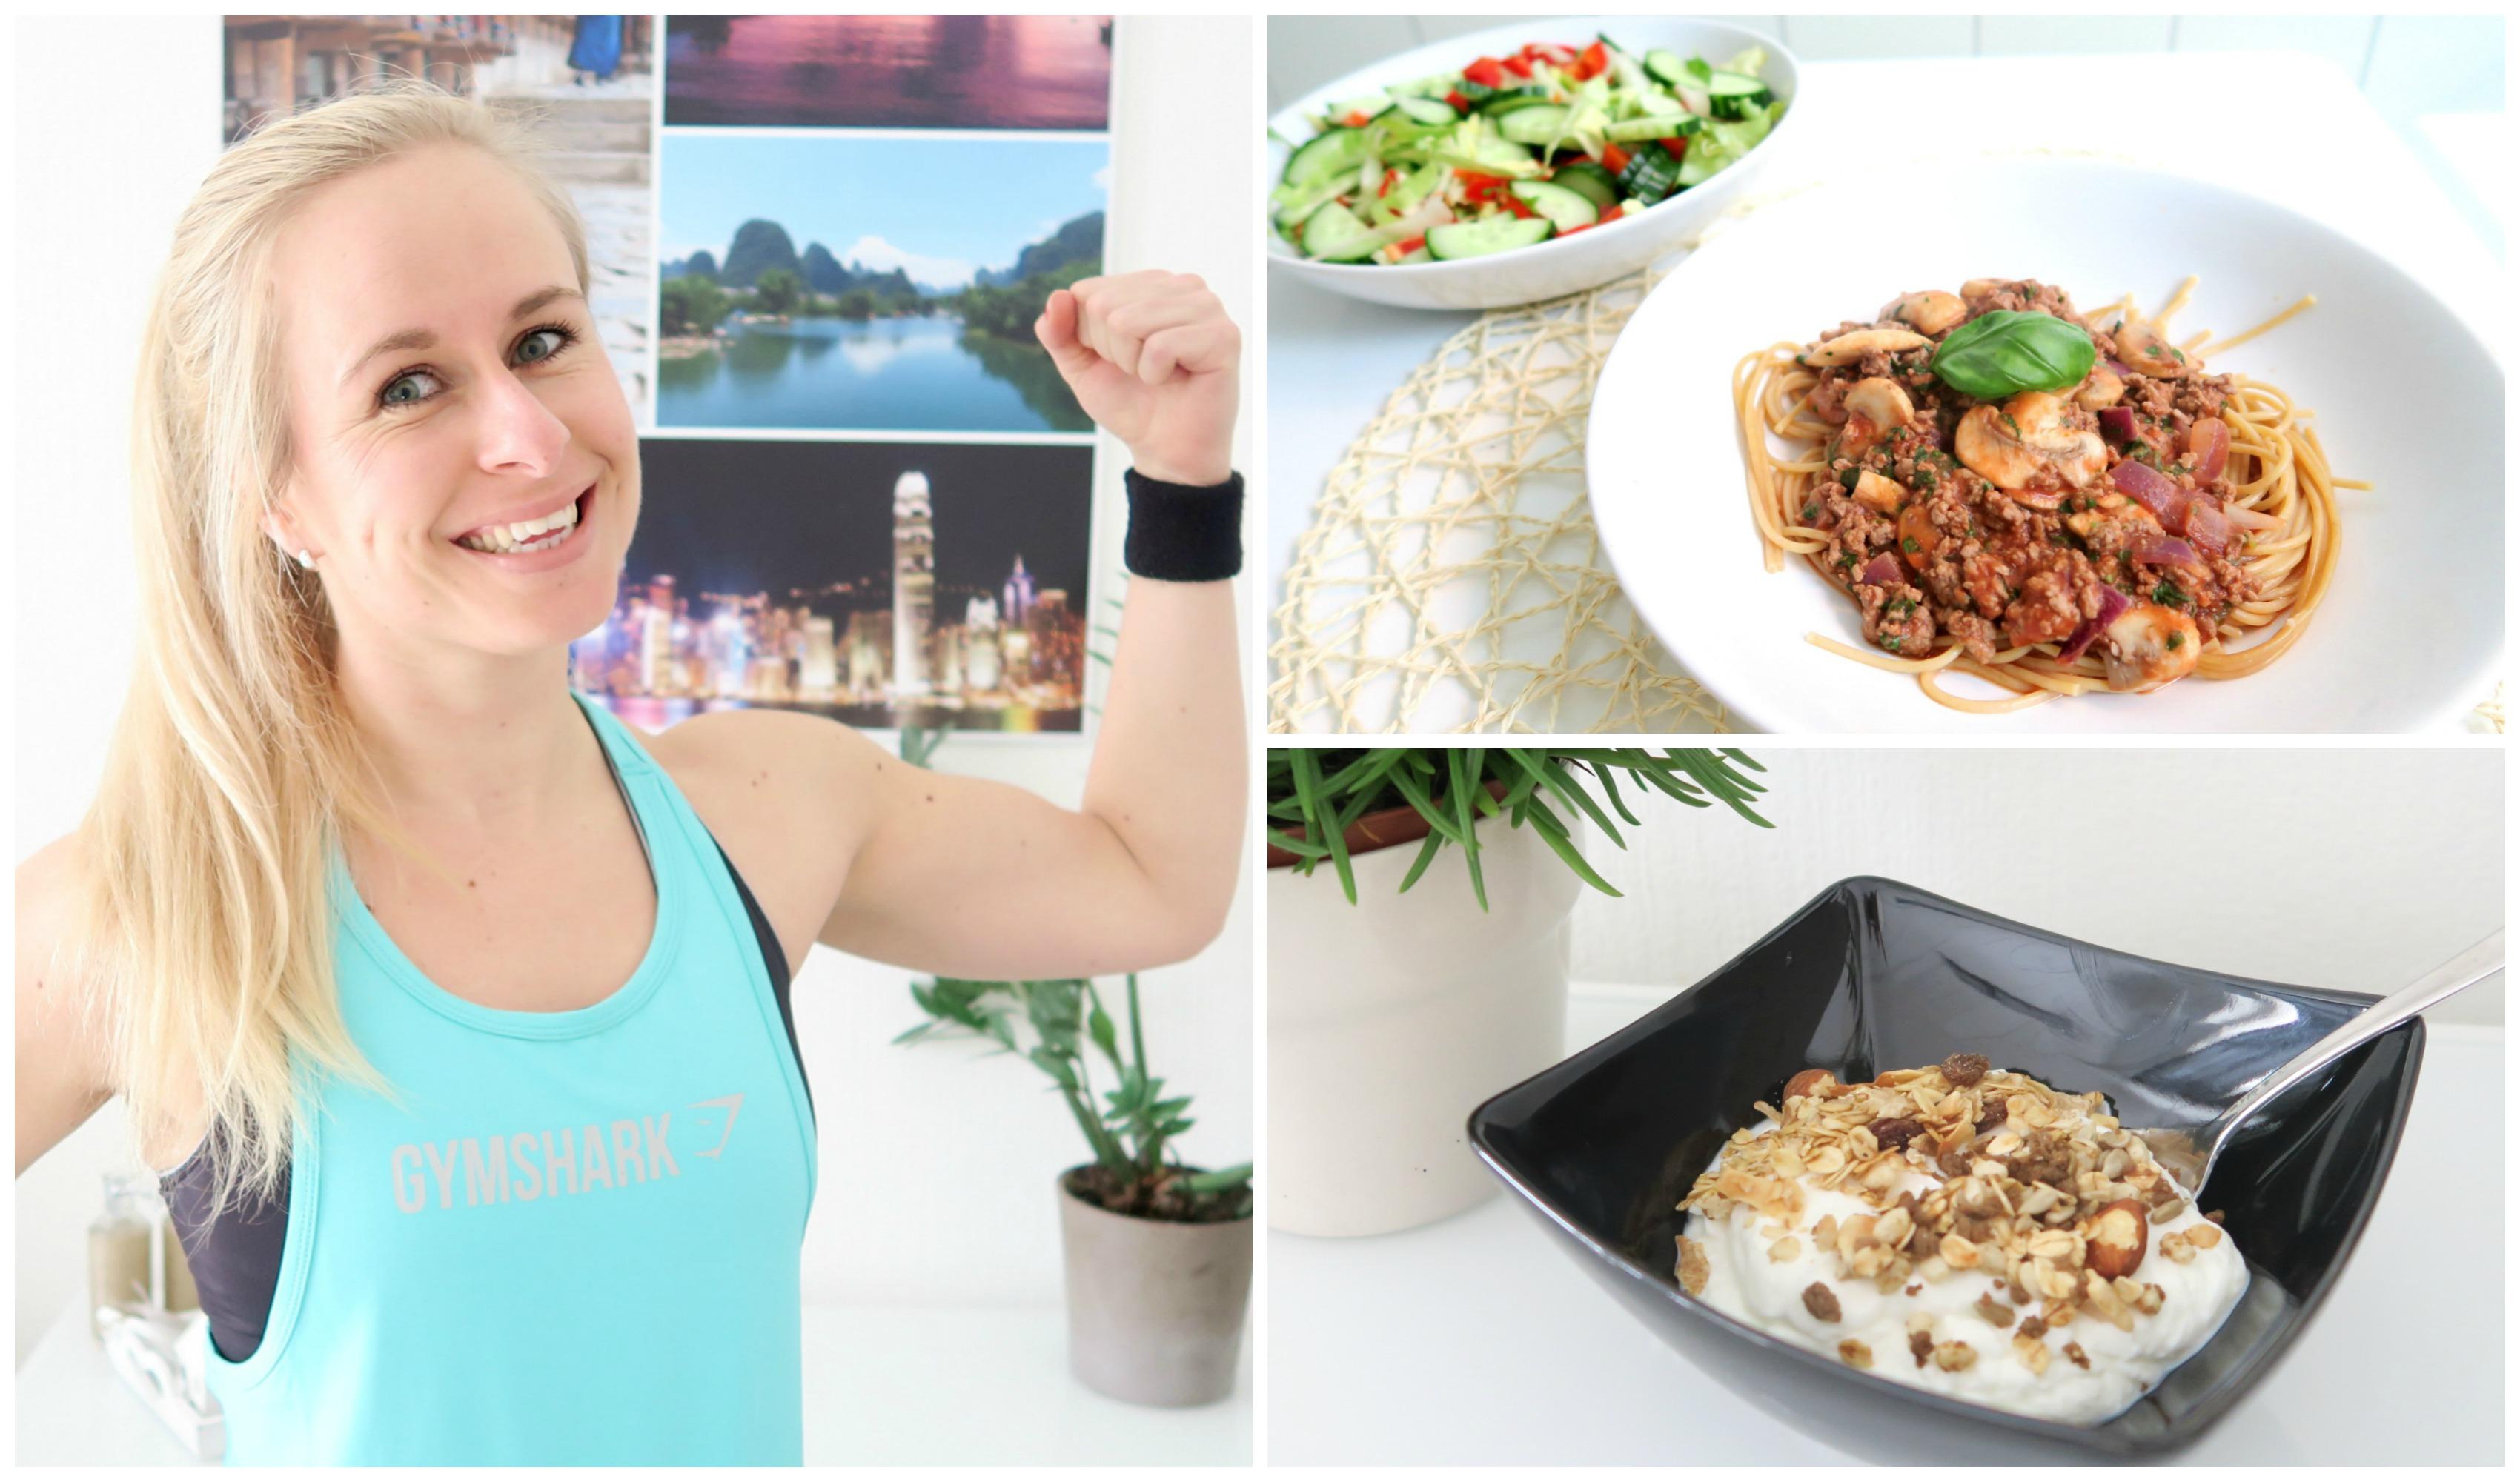 gezond eten en sporten niet afvallen